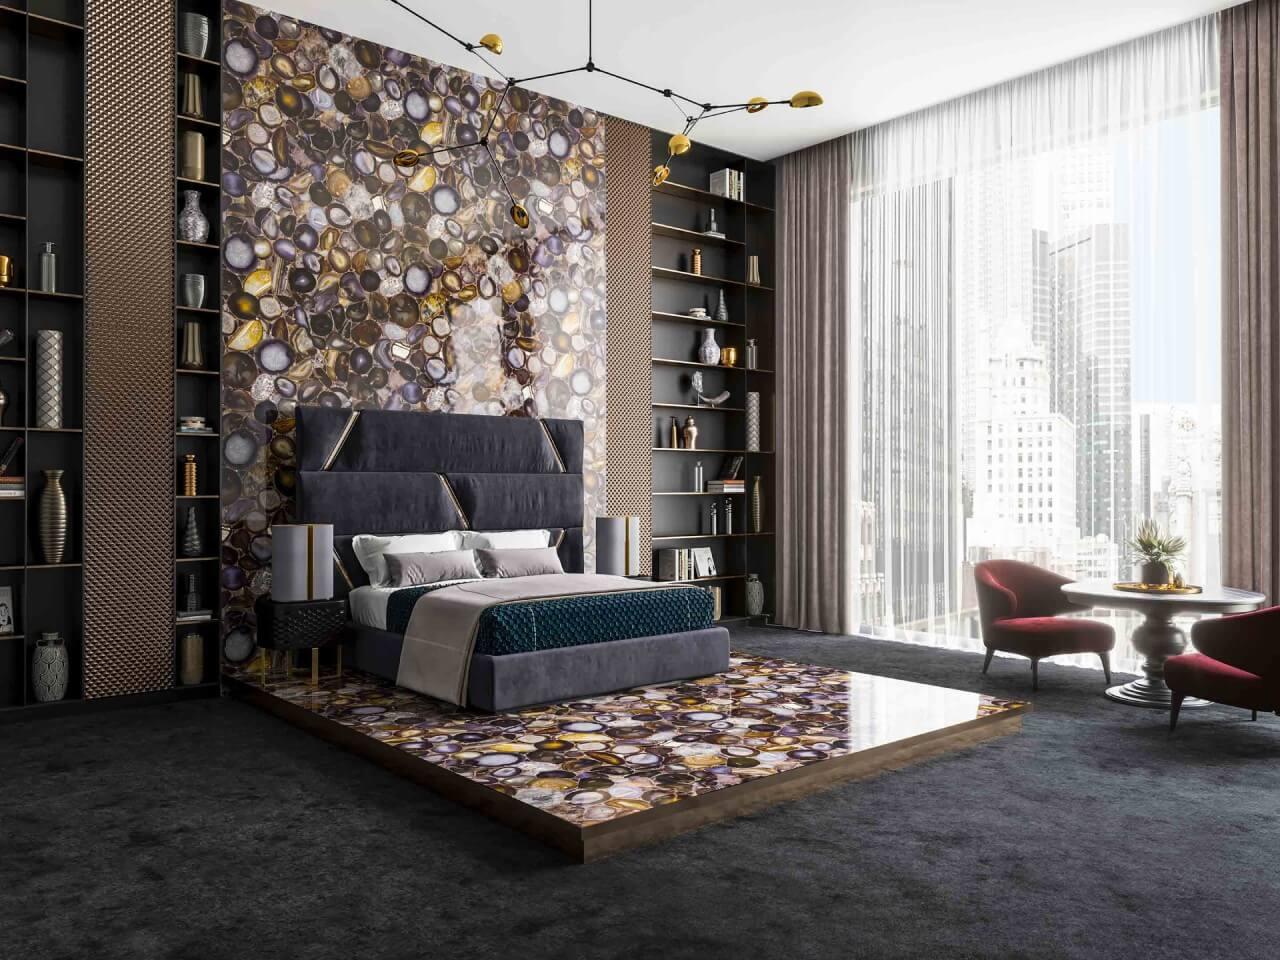 duże łóżko na tle ściany iofłogi wodcieniach złota ibrązu wykonanej zkamienia